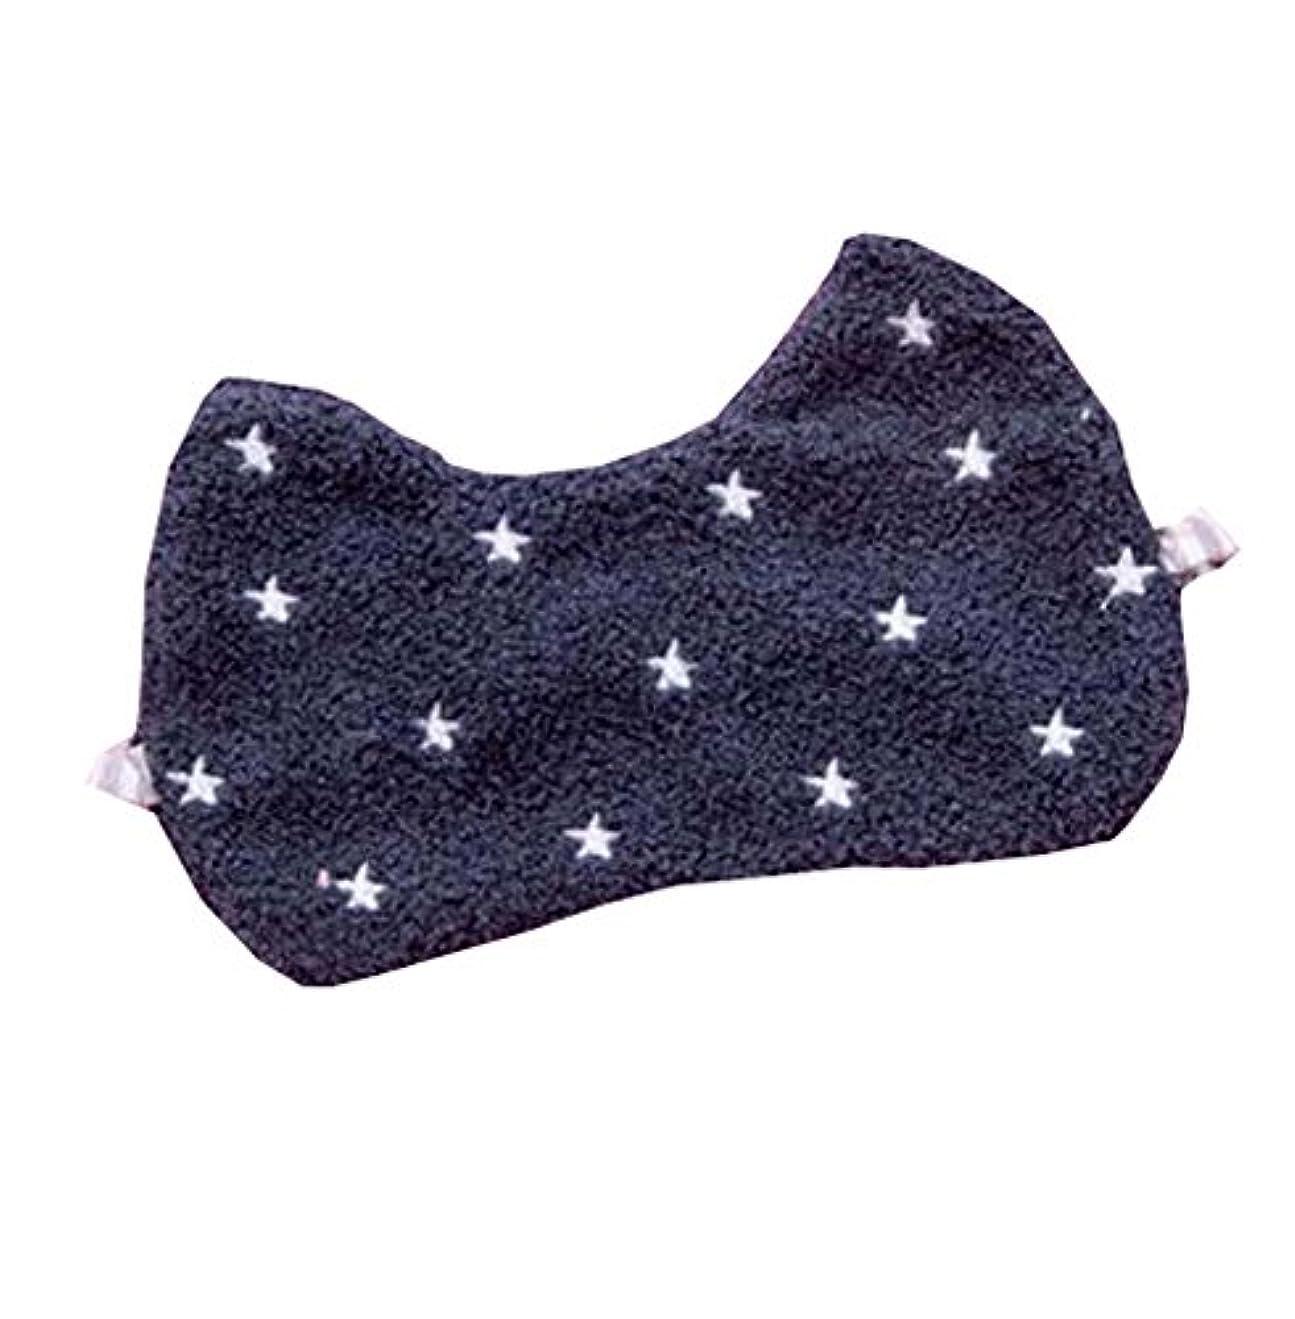 きらきらさようなら良性女の子の旅行スリーピングアイシェード - 目隠しナップカバーアイマスク睡眠改善、E